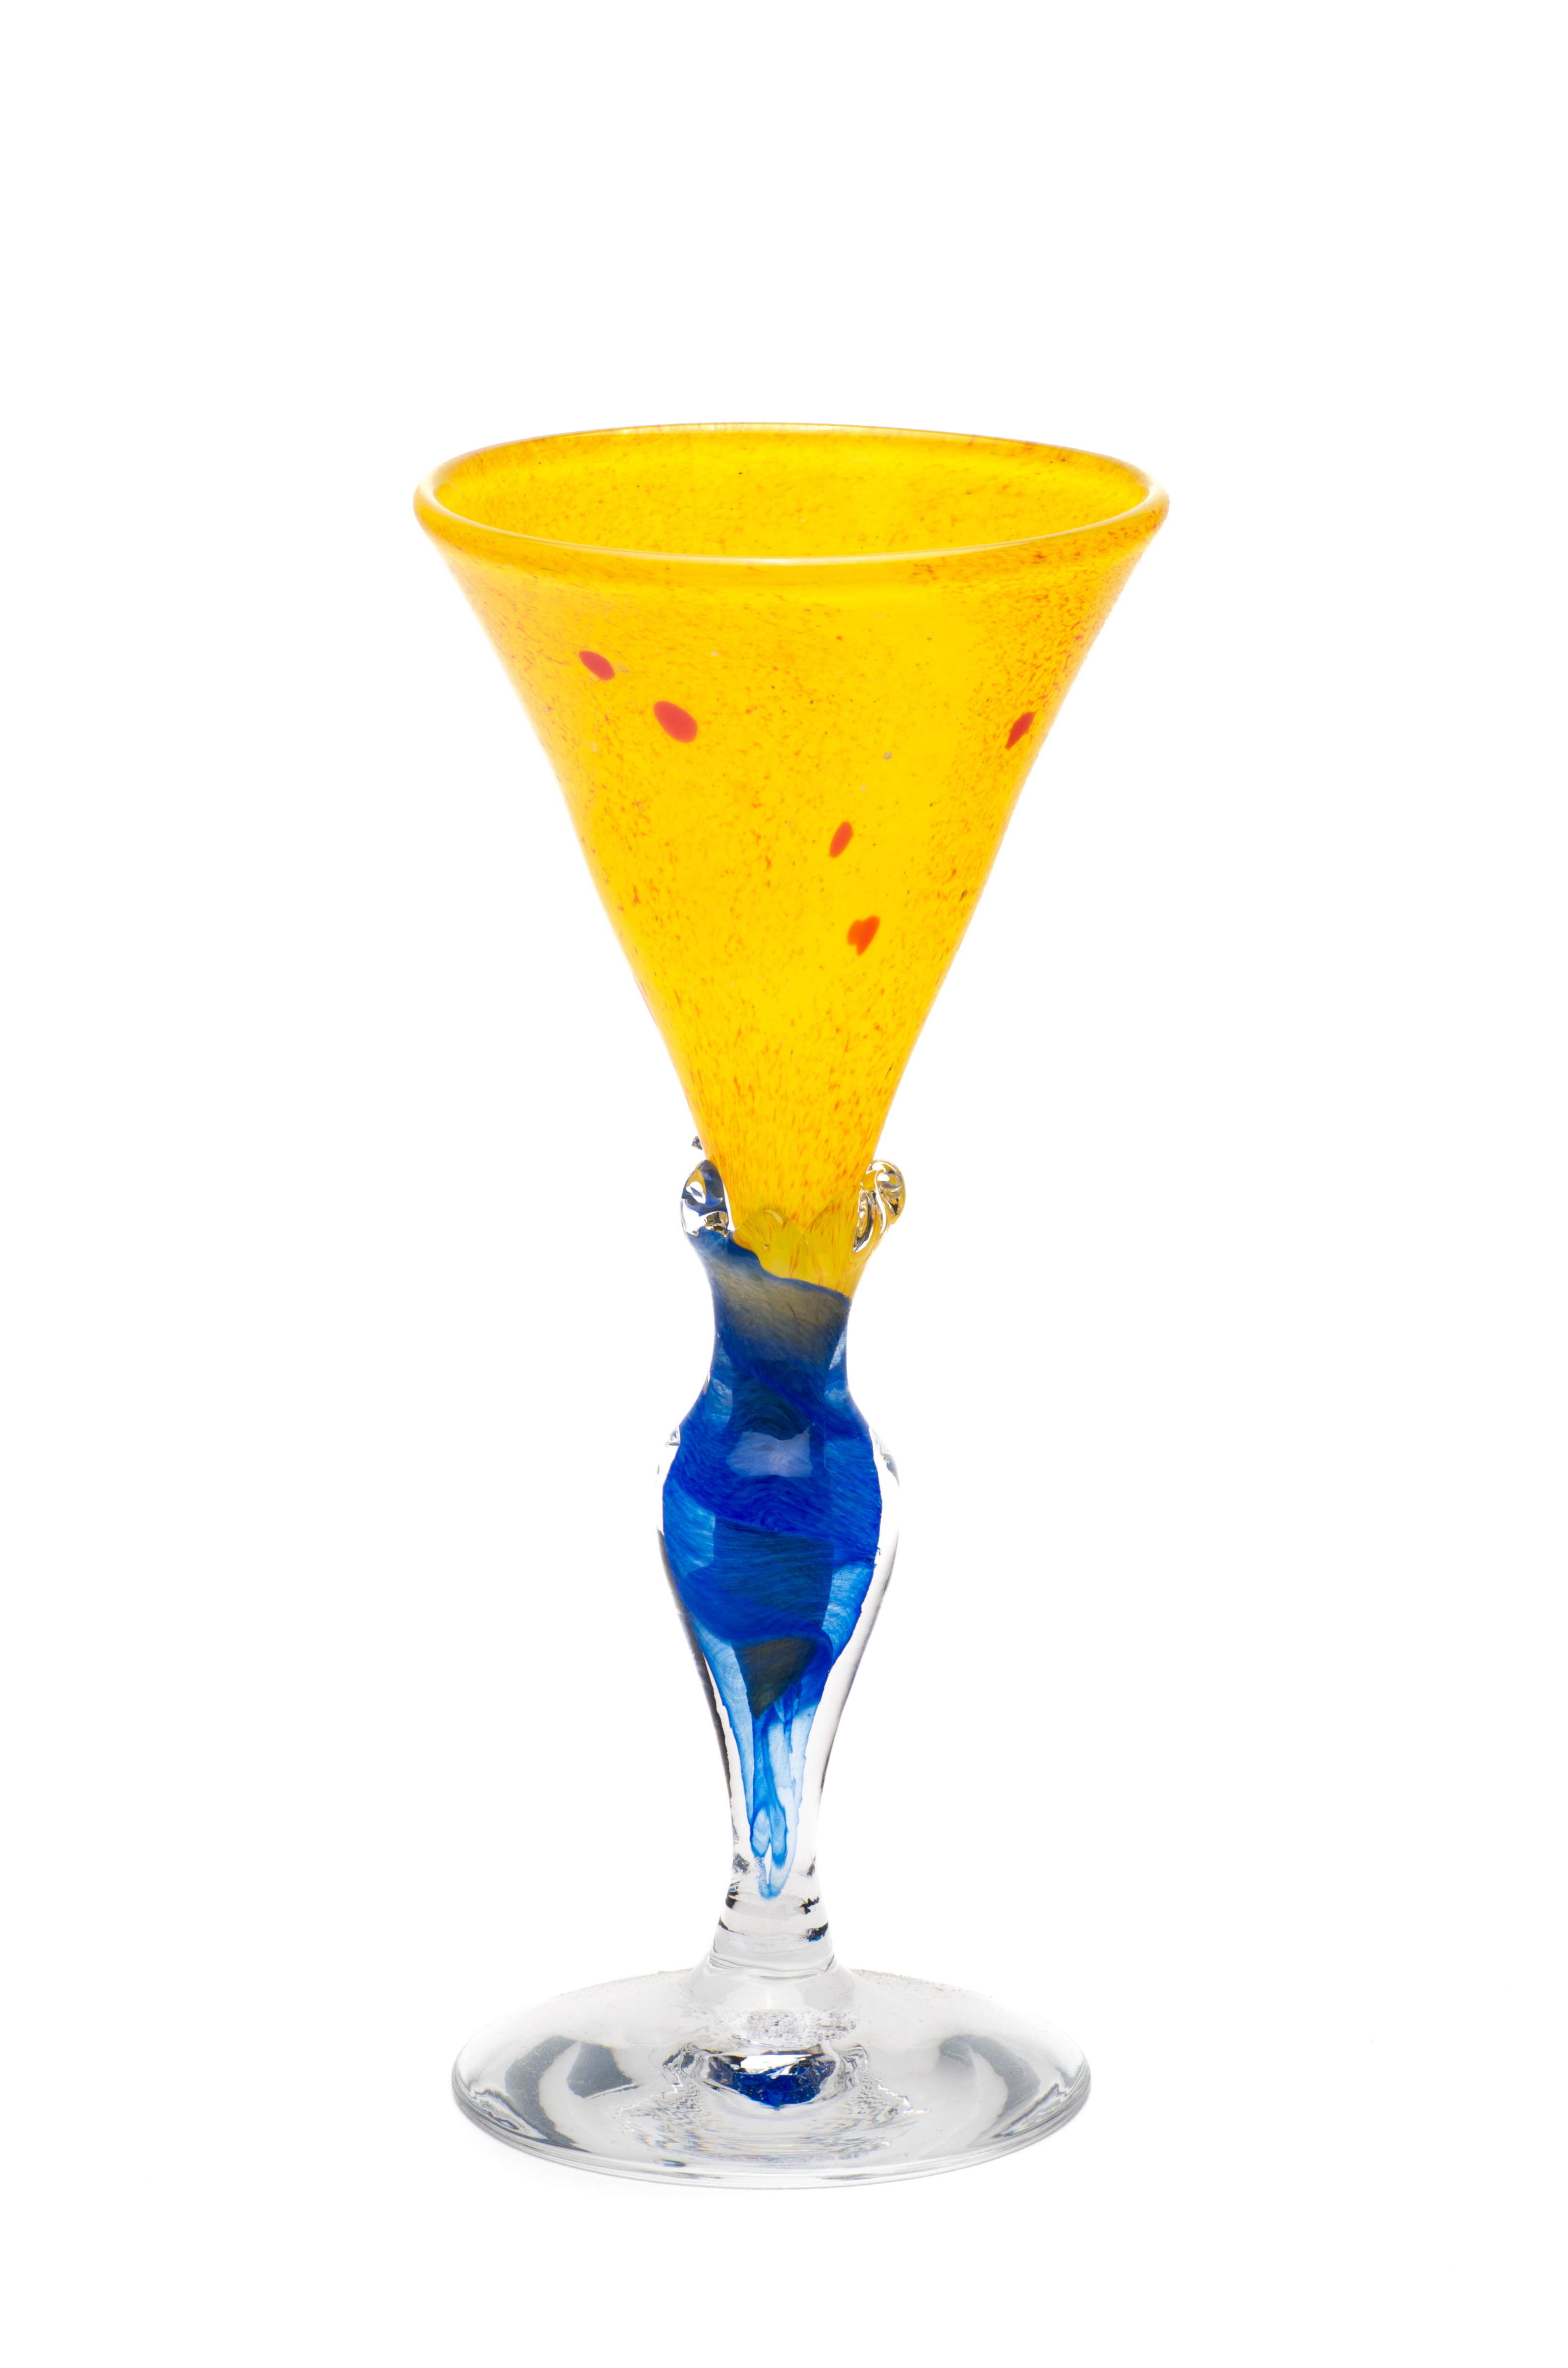 gul med rød og blå stett